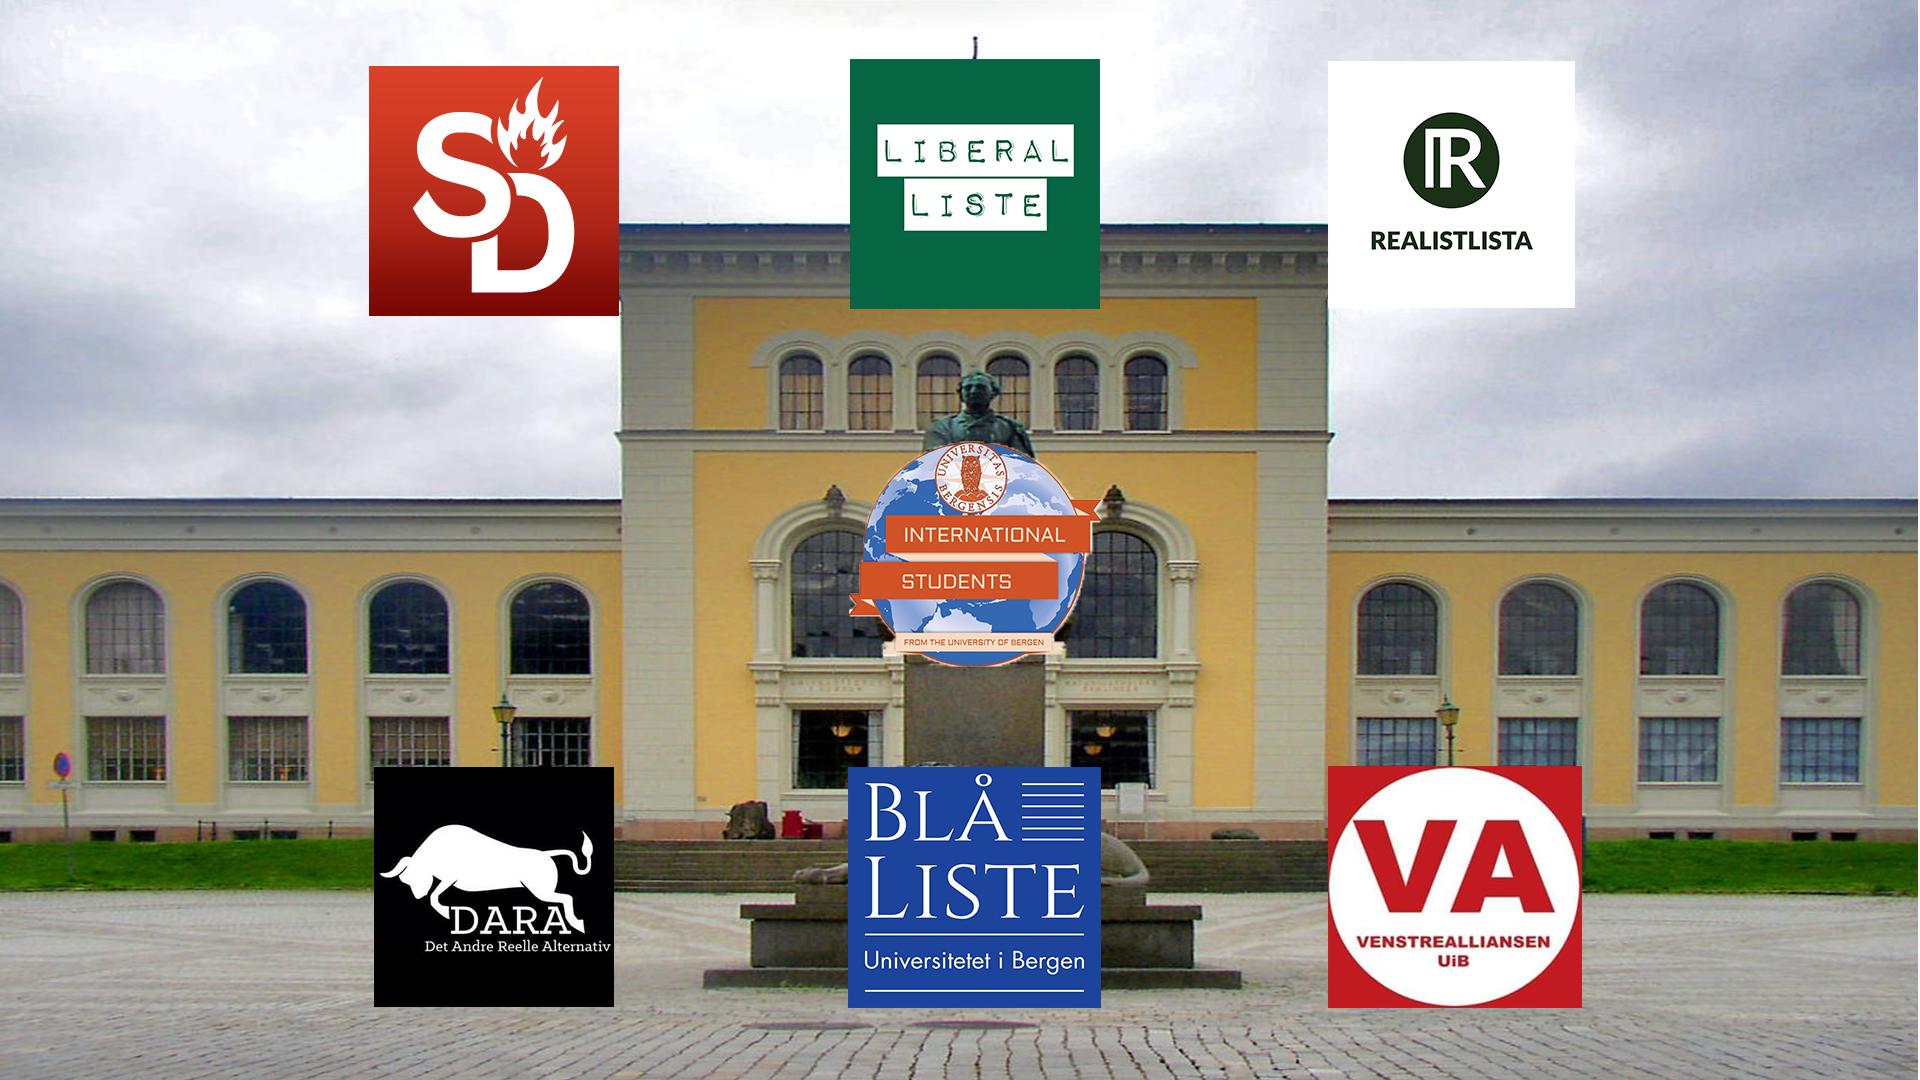 Størst valgdeltakelse i Bergen